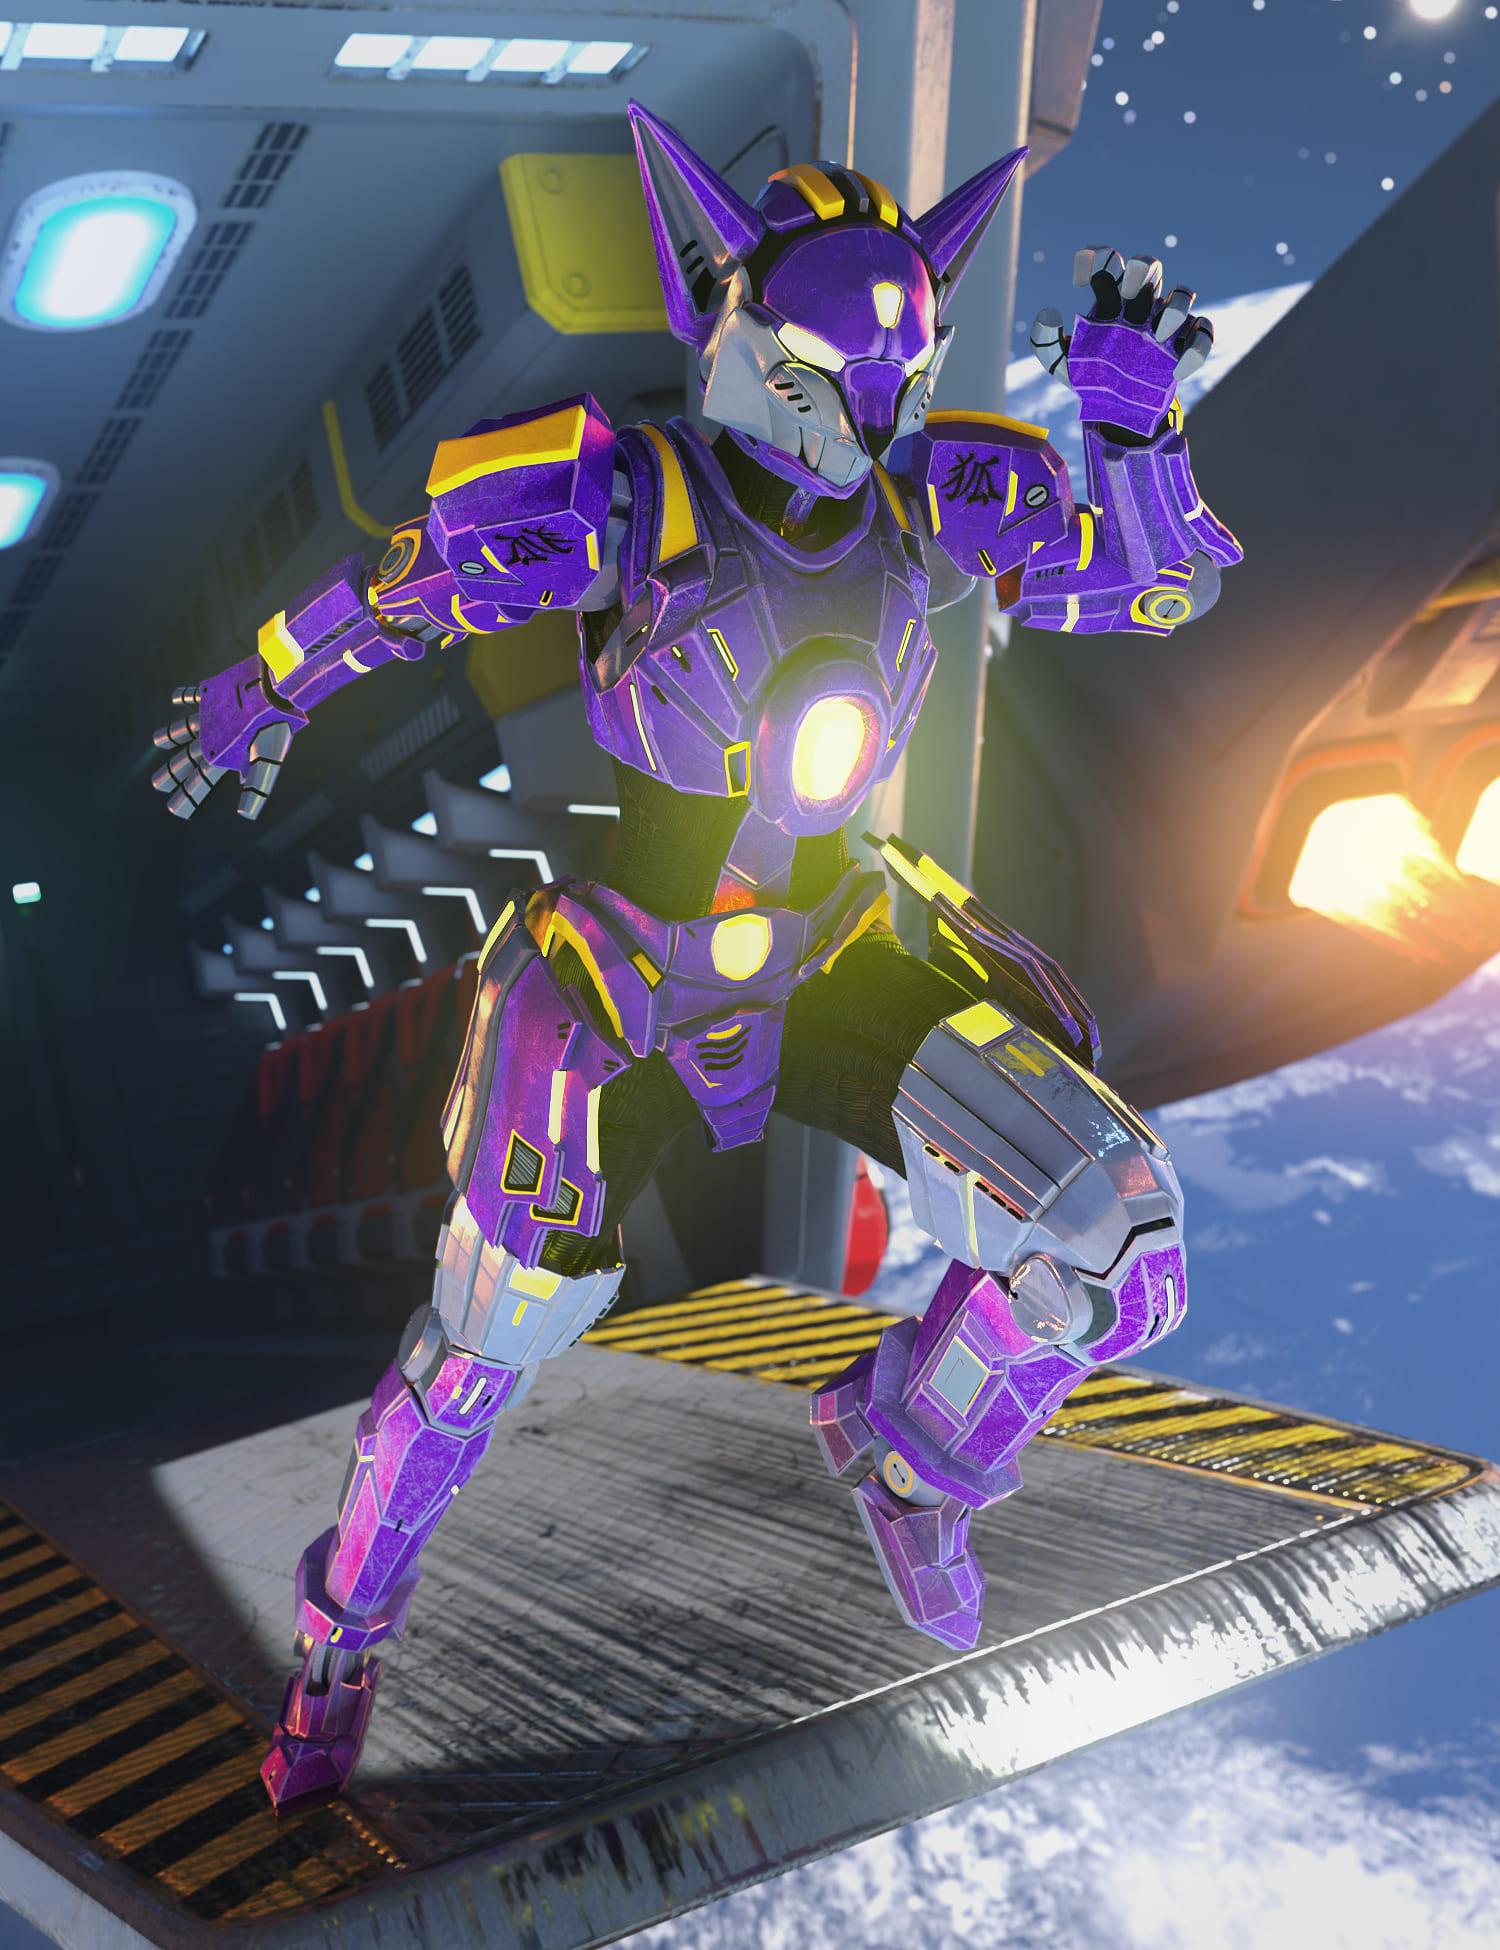 Kitsune Mech Armor for Genesis 8 and 8.1 Females_DAZ3D下载站